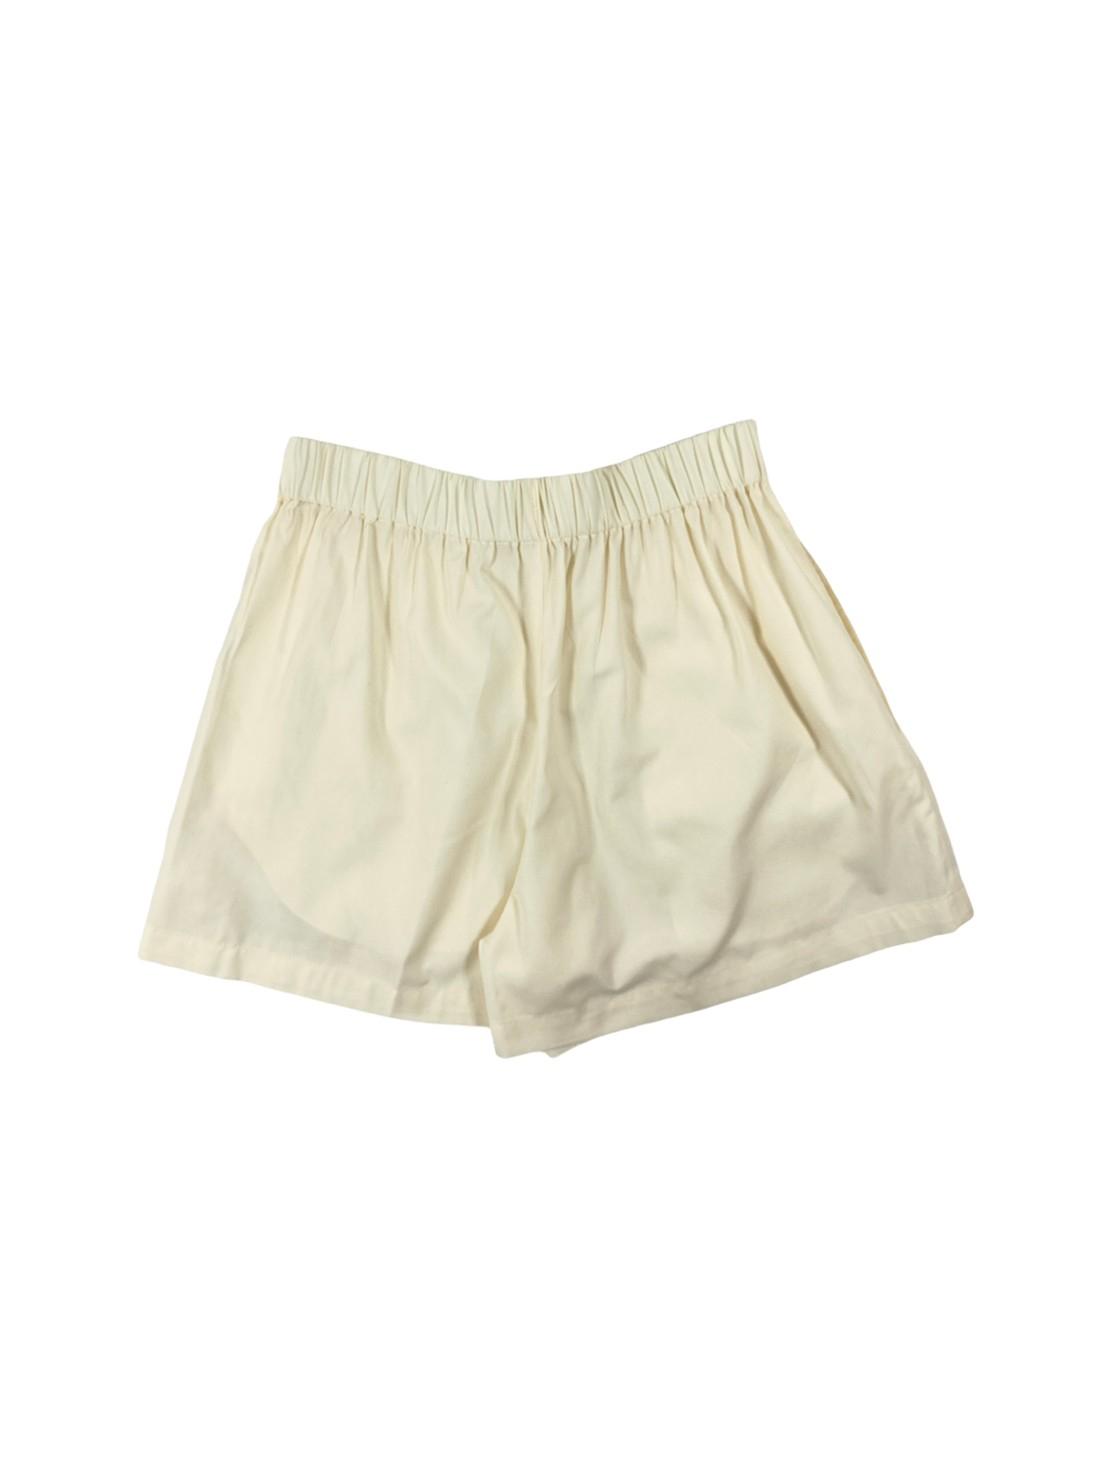 Sunrise Shorts (Coconut)